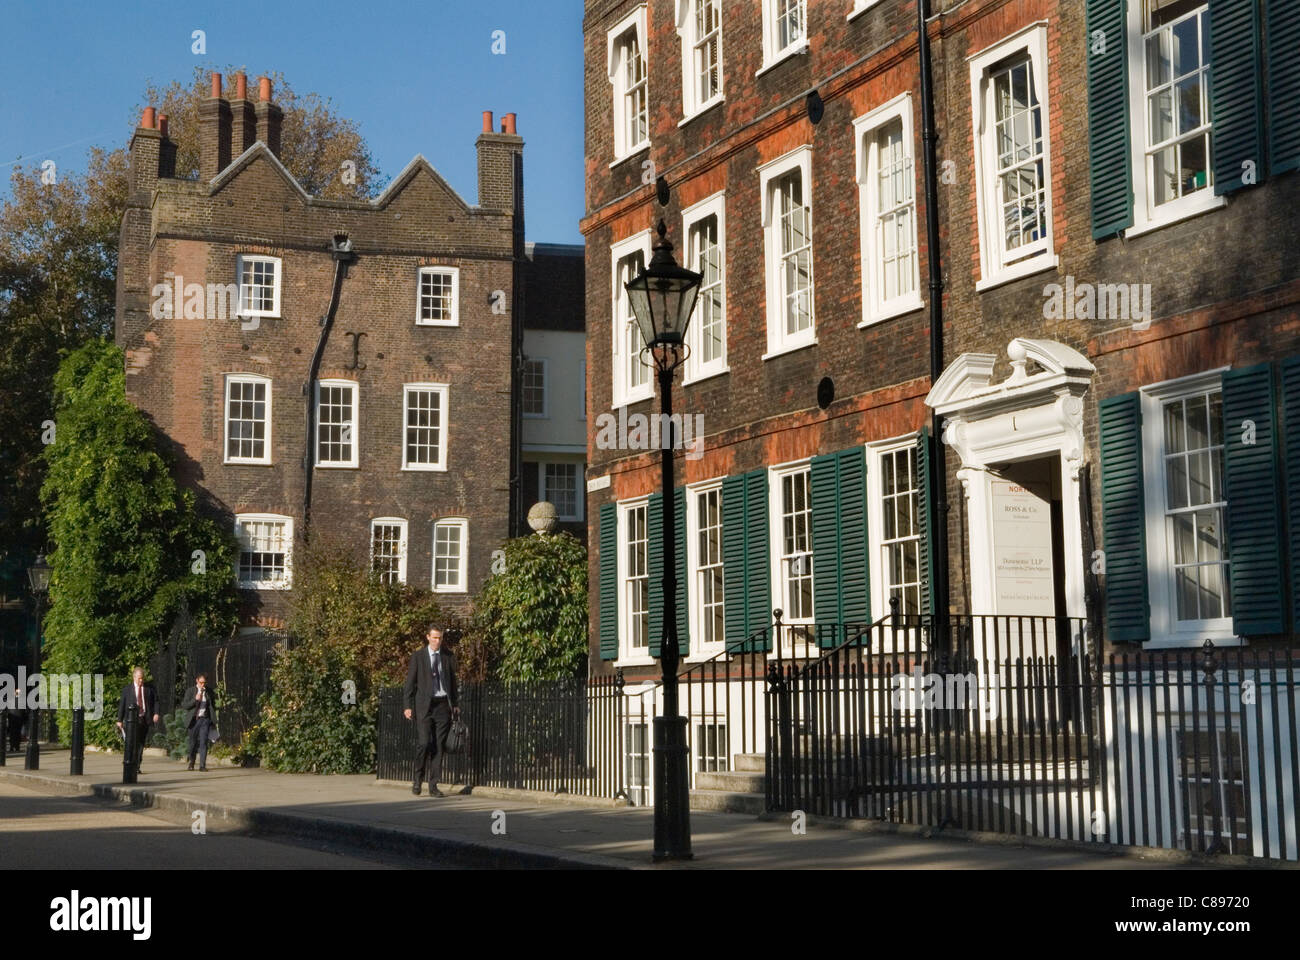 Lincolns  Inn New Square inns of Court London UK HOMER SYKES - Stock Image